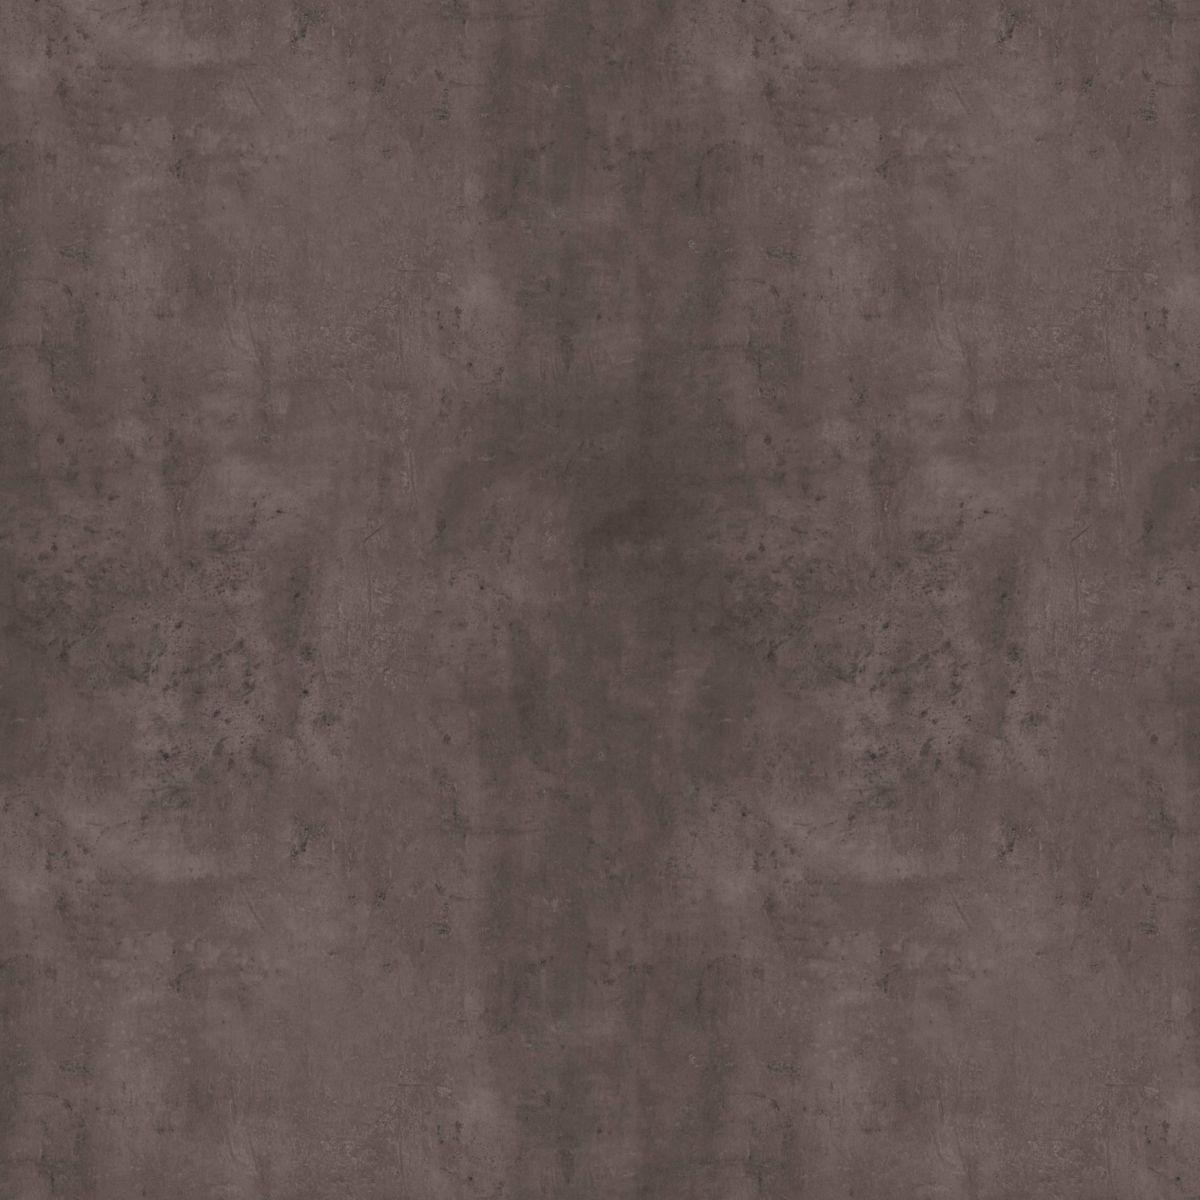 coffrage pour plan de travail en beton trendy coffrage pour plan de travail en beton with. Black Bedroom Furniture Sets. Home Design Ideas